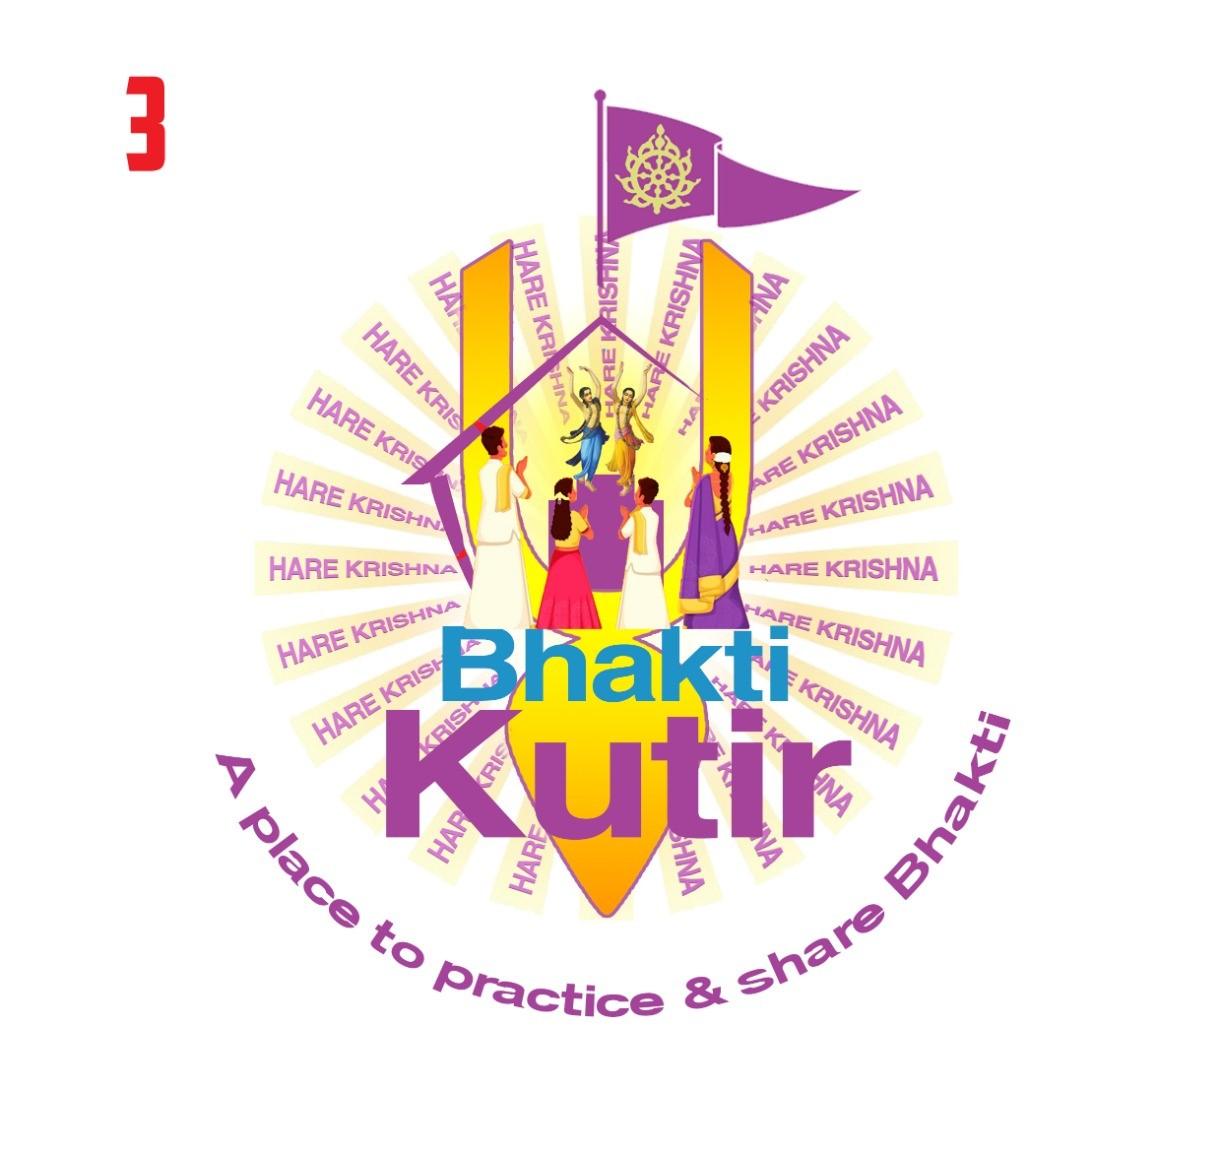 Bhakti Kutir - Image 3